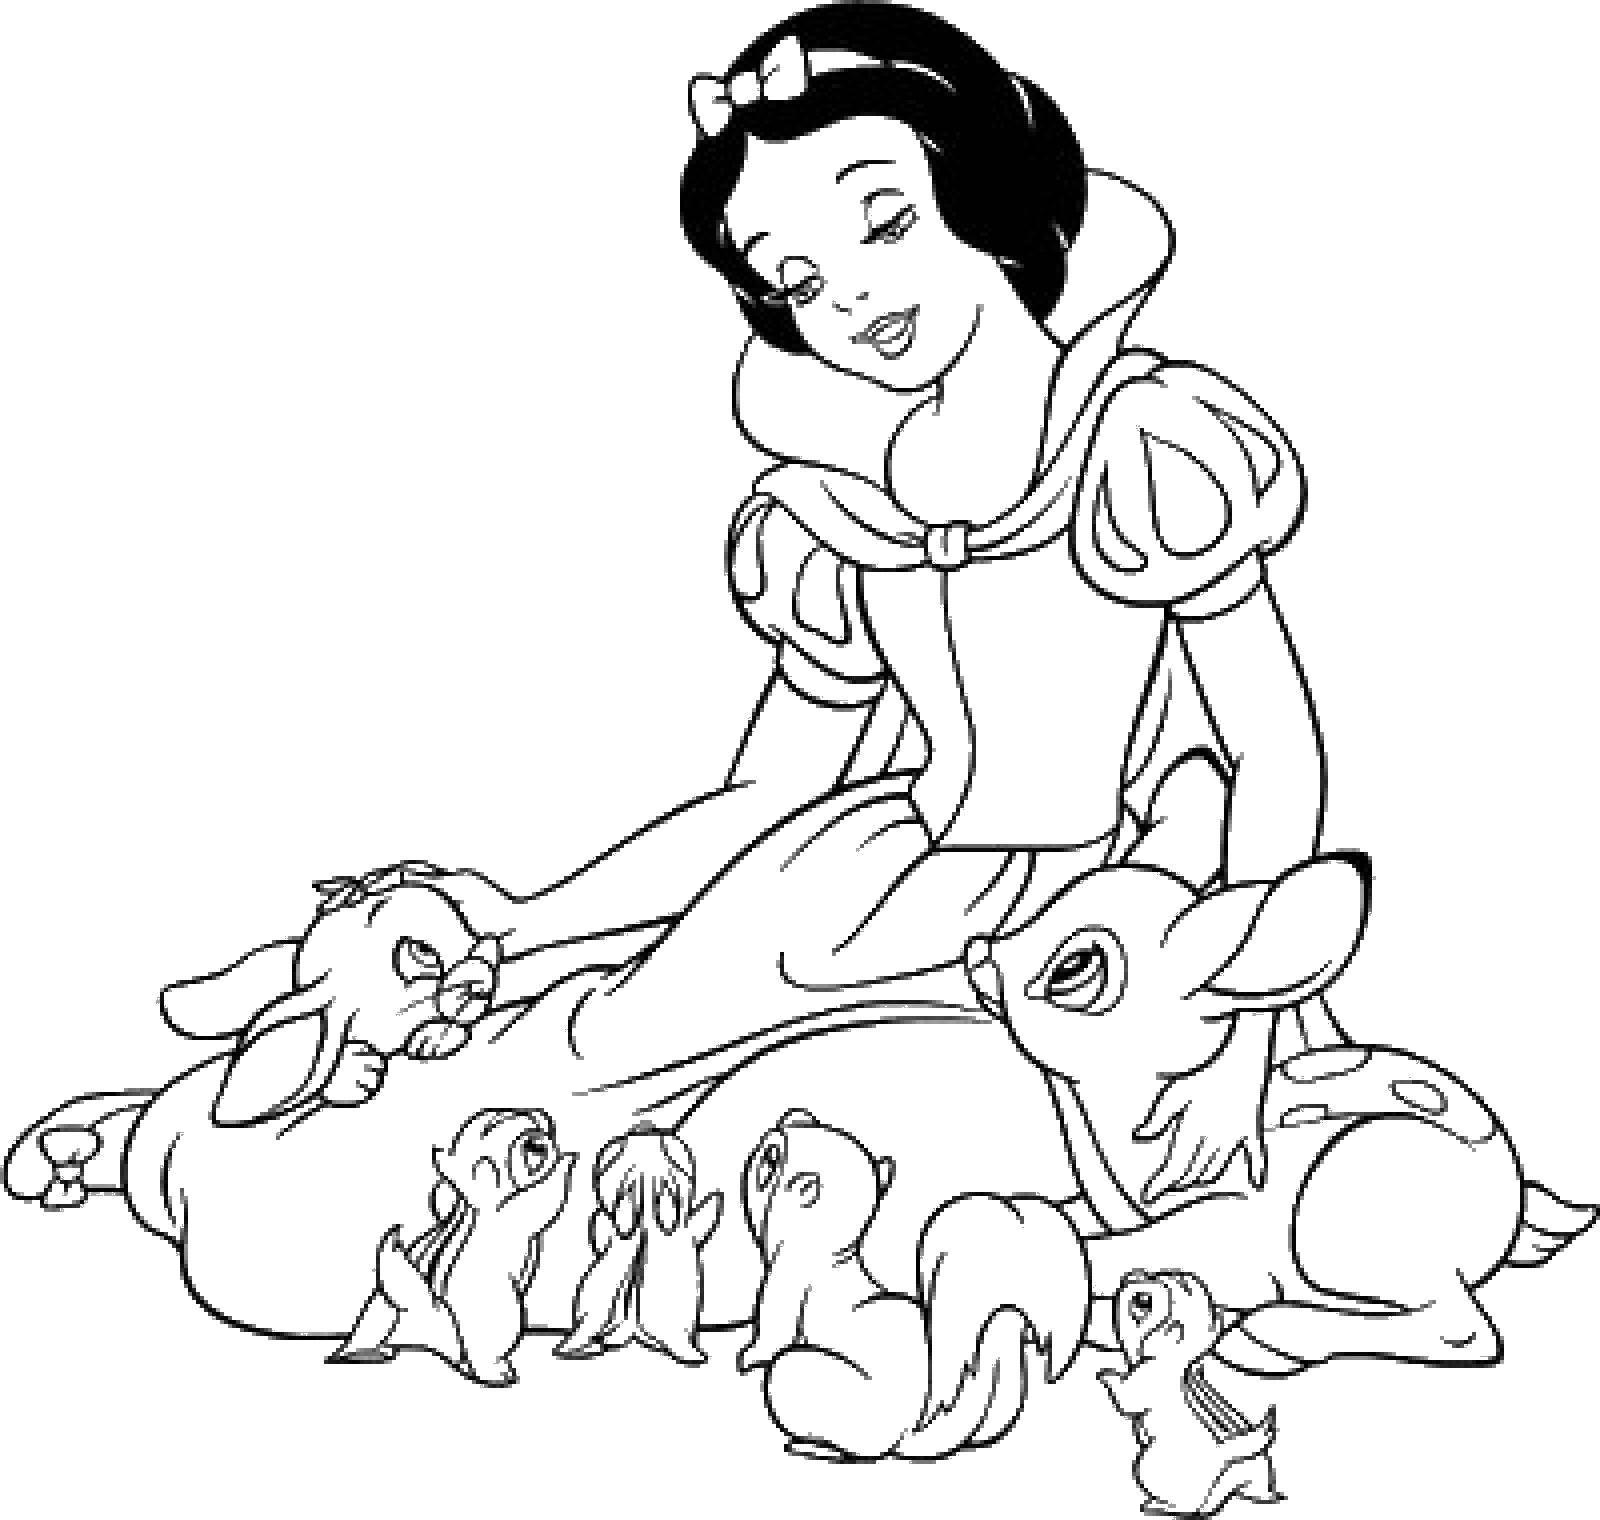 Раскраска Белоснежка гладит зверей Скачать принцессы, мультфильмы, сказки, Белоснежка.  Распечатать ,белоснежка,